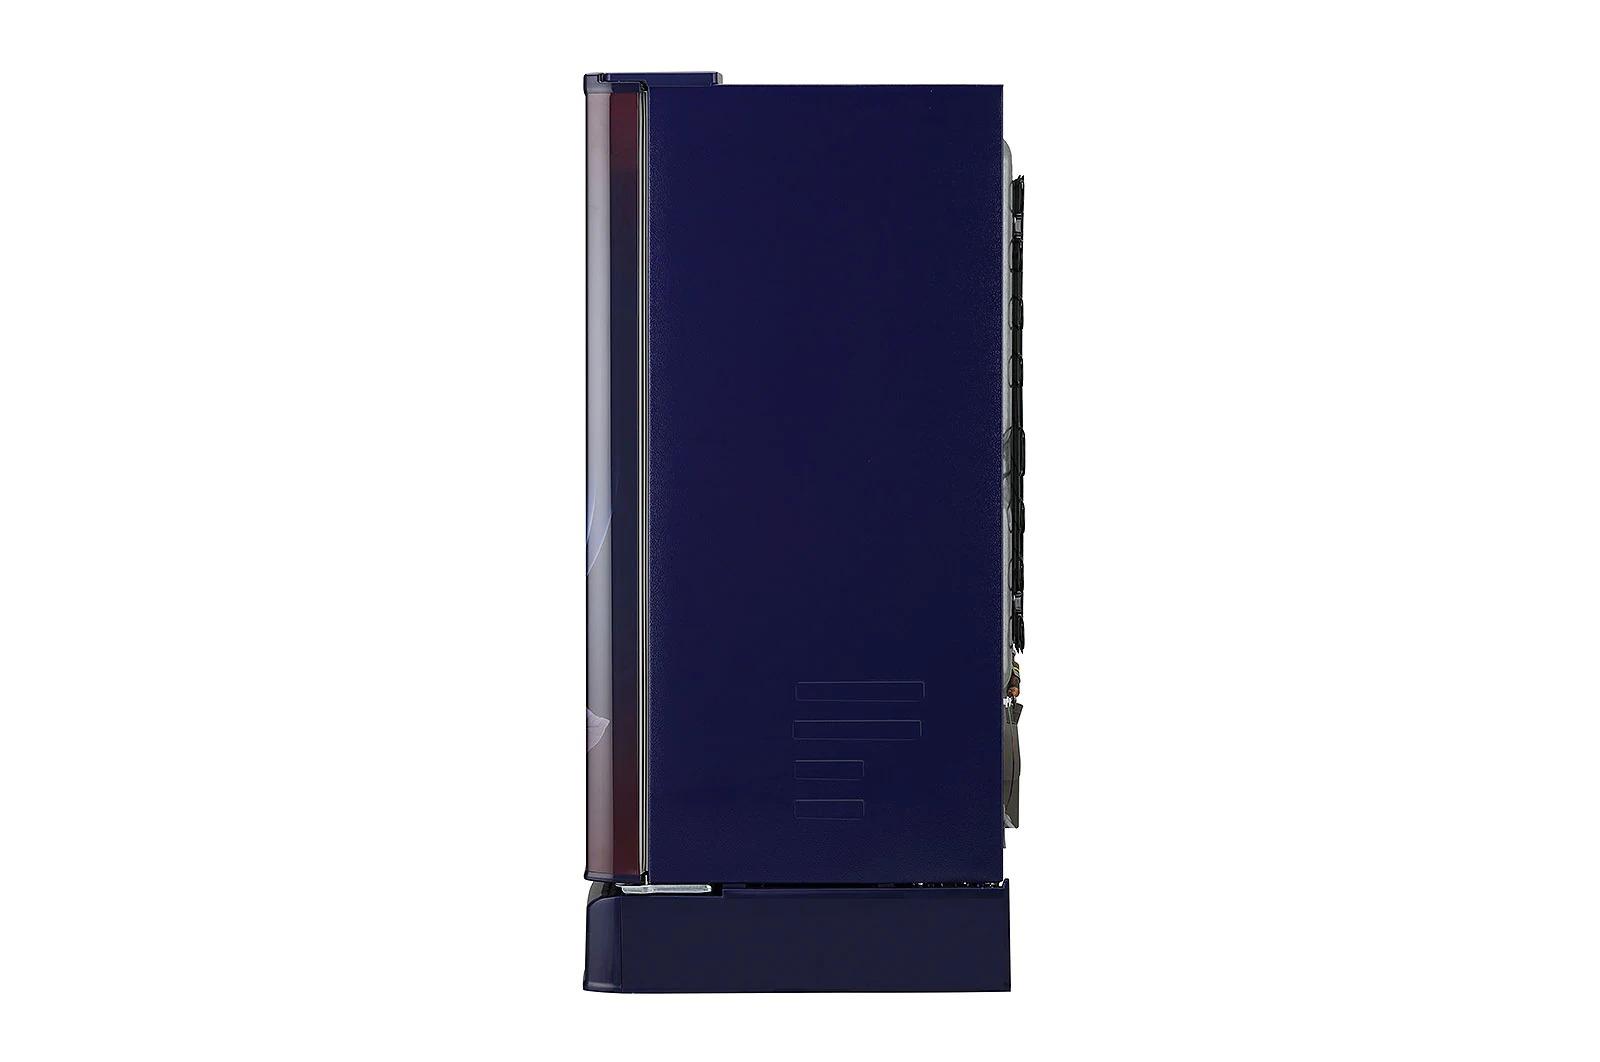 LG (GL-D191KBPX) 188 L, Smart Inverter Compressor